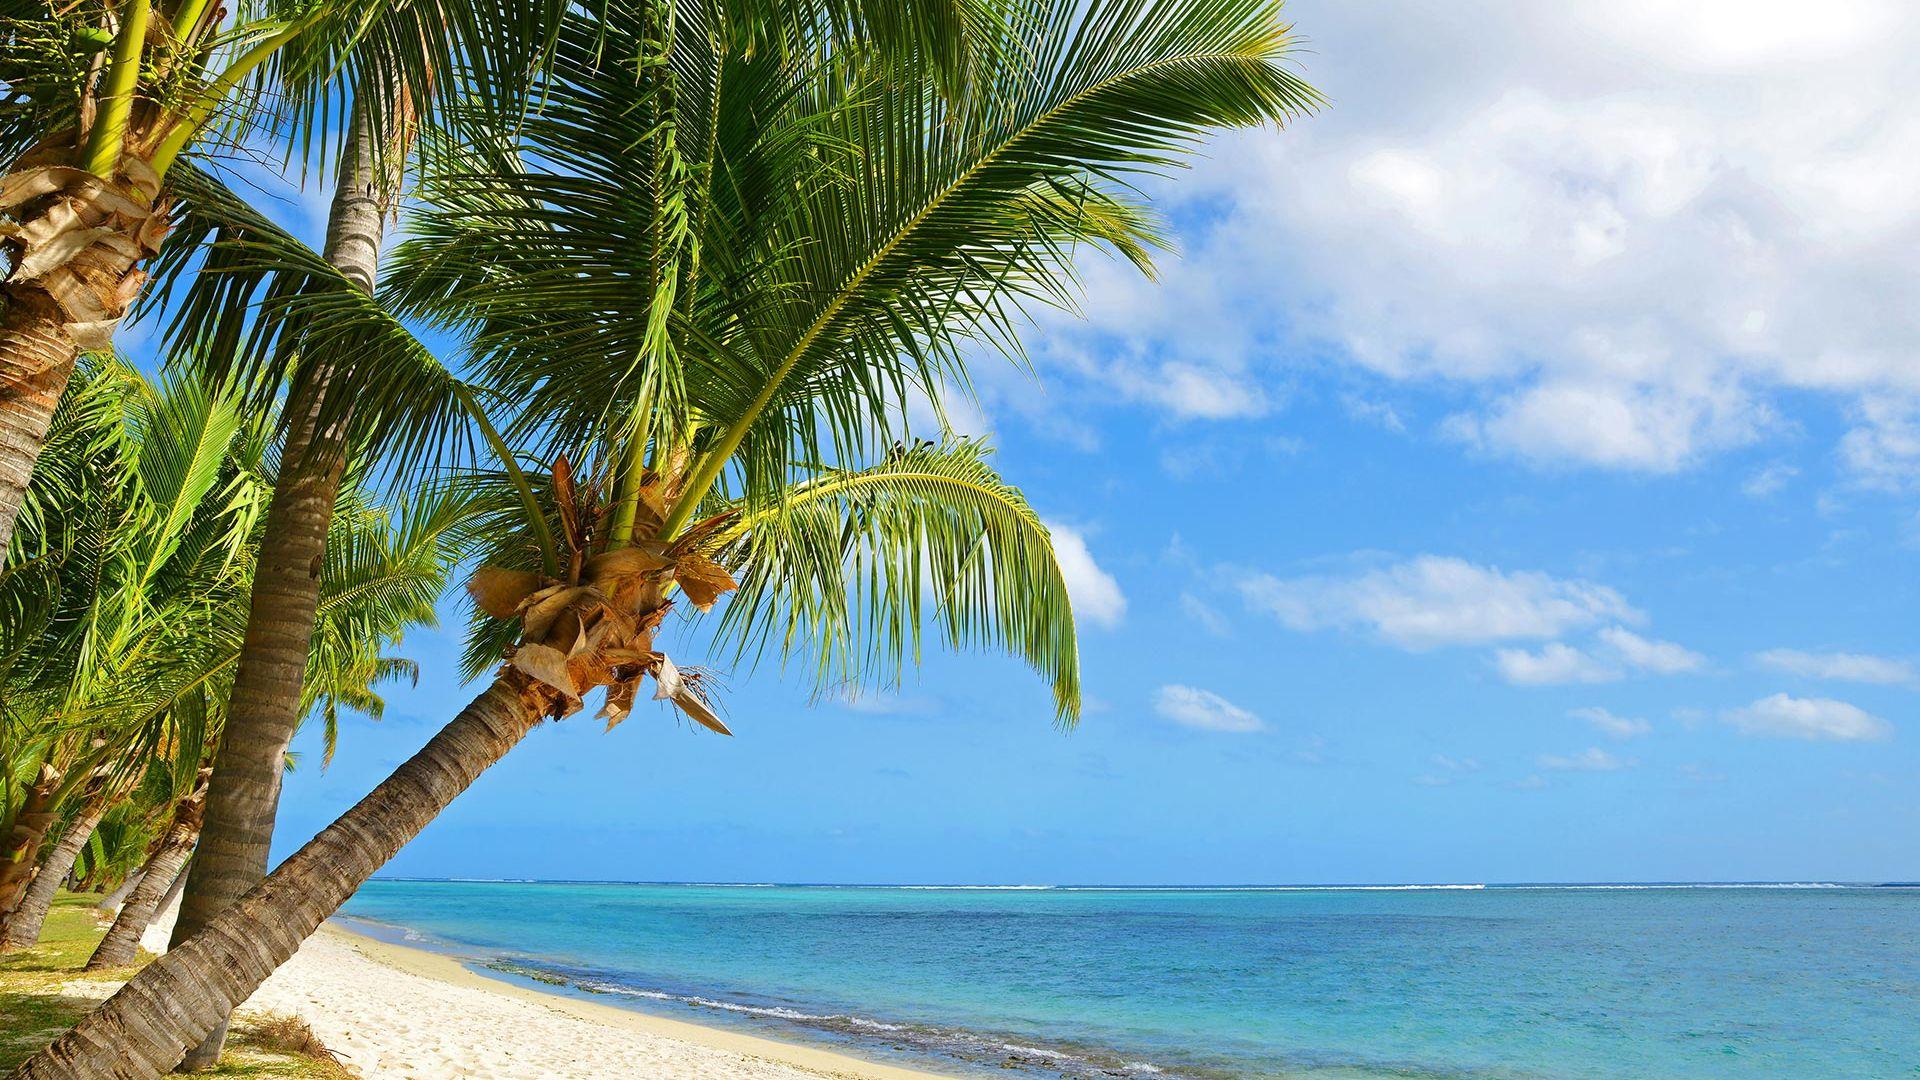 Sejur plaja Mauritius, 10 zile - 26 ianuarie 2022